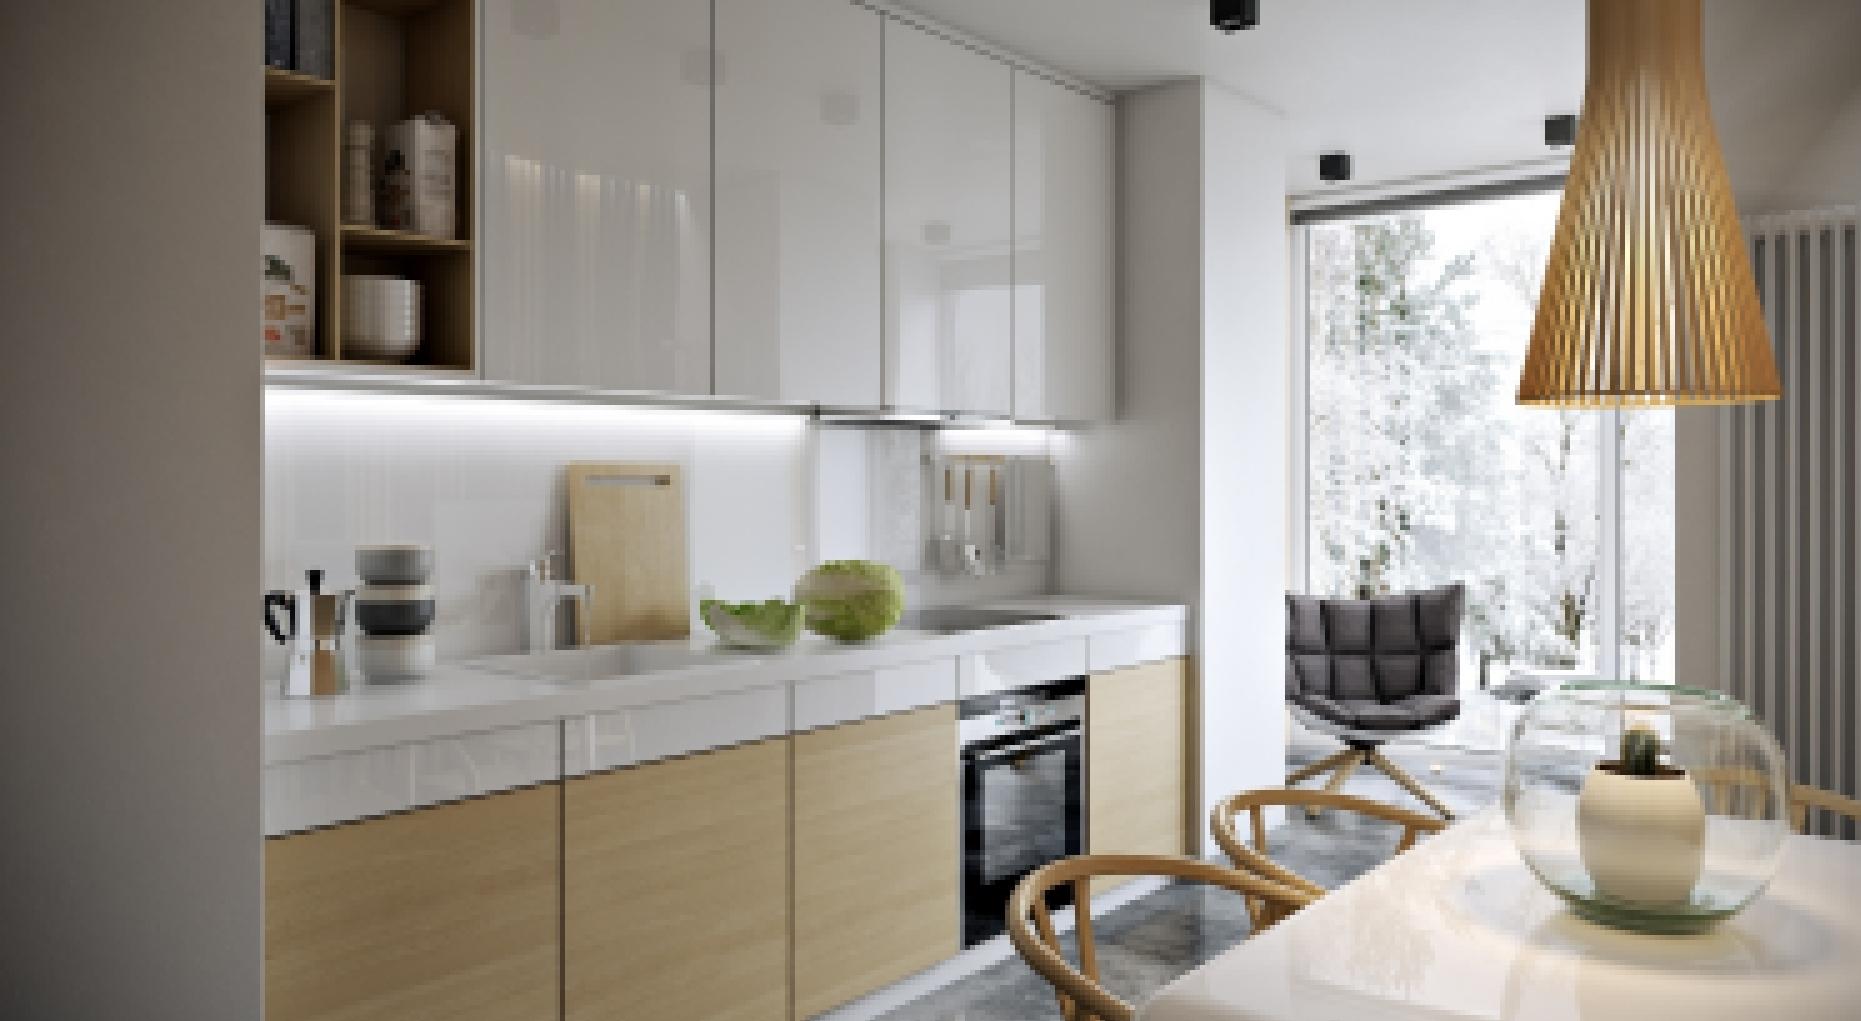 дизайн кухни 14 кв м фото 2015 современные идеи